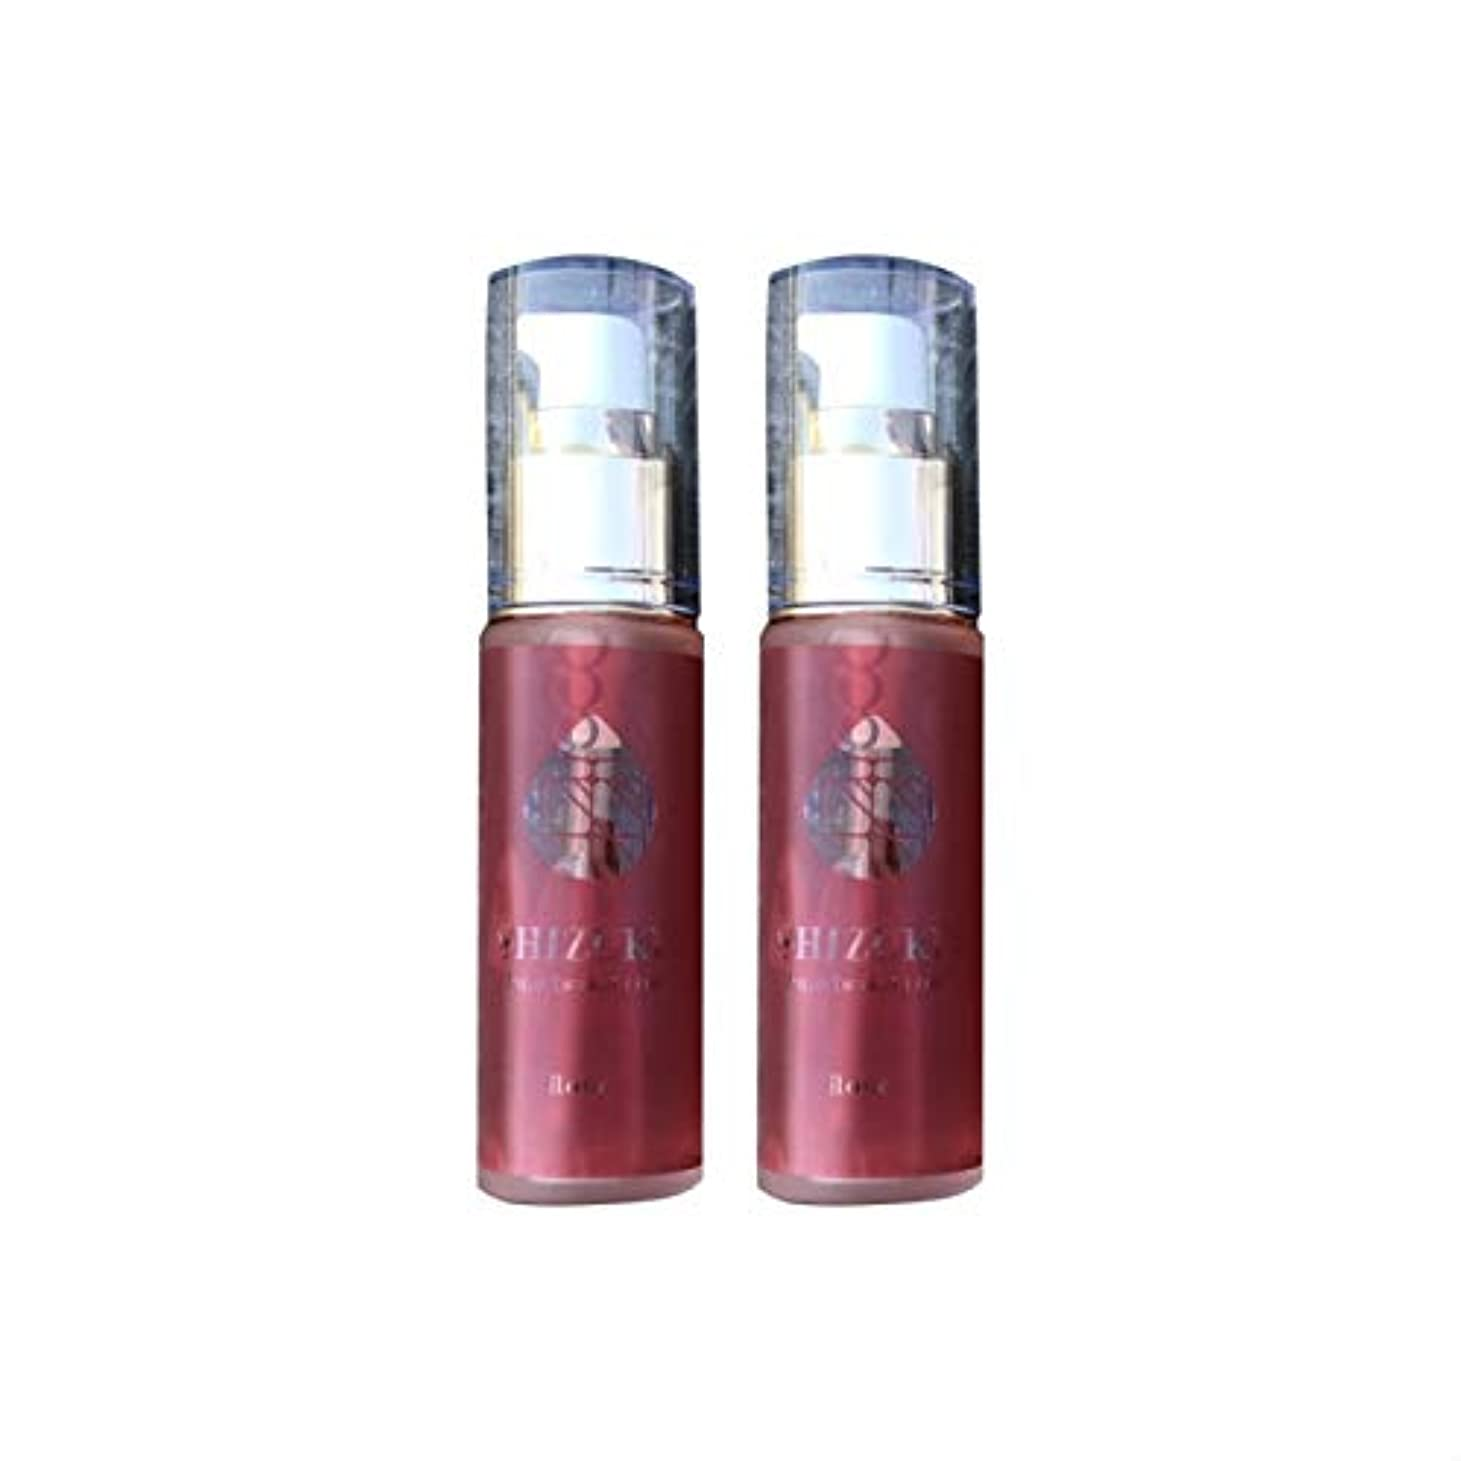 セージ悪化するパース雫 椿オイル ローズ 30ml 2本 五島 精製椿油